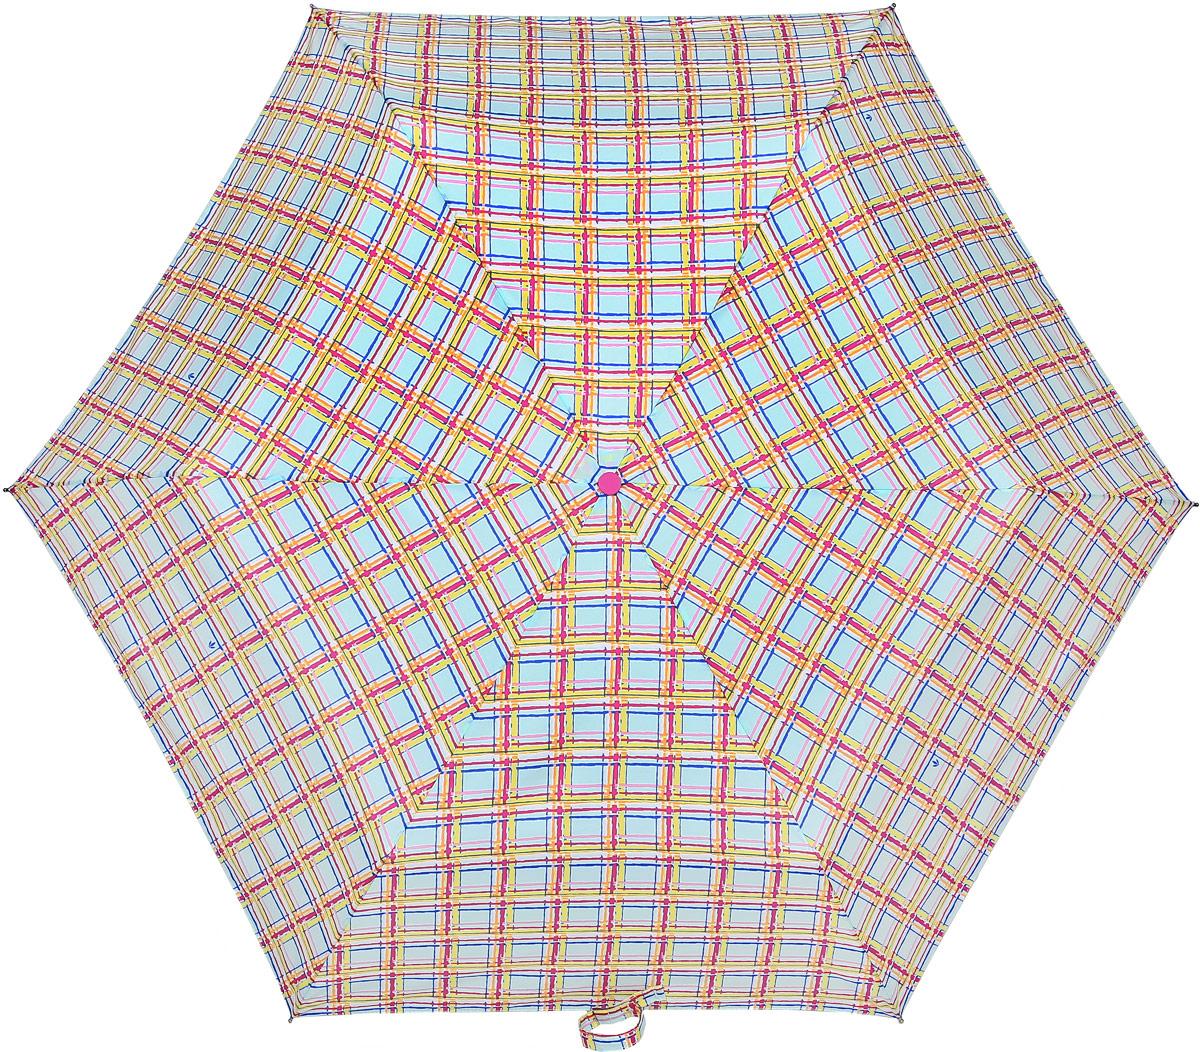 Зонт женский Fulton, механический, 3 сложения, цвет: мультиколор. L553-3371L553-3371 ModernCheckСтильный механический зонт Fulton имеет 3 сложения, даже в ненастную погоду позволит вам оставаться стильной. Легкий, но в тоже время прочный алюминиевый каркас состоит из шести спиц с элементами из фибергласса. Купол зонта выполнен из прочного полиэстера с водоотталкивающей пропиткой. Рукоятка закругленной формы, разработанная с учетом требований эргономики, выполнена из каучука. Зонт имеет механический способ сложения: и купол, и стержень открываются и закрываются вручную до характерного щелчка.